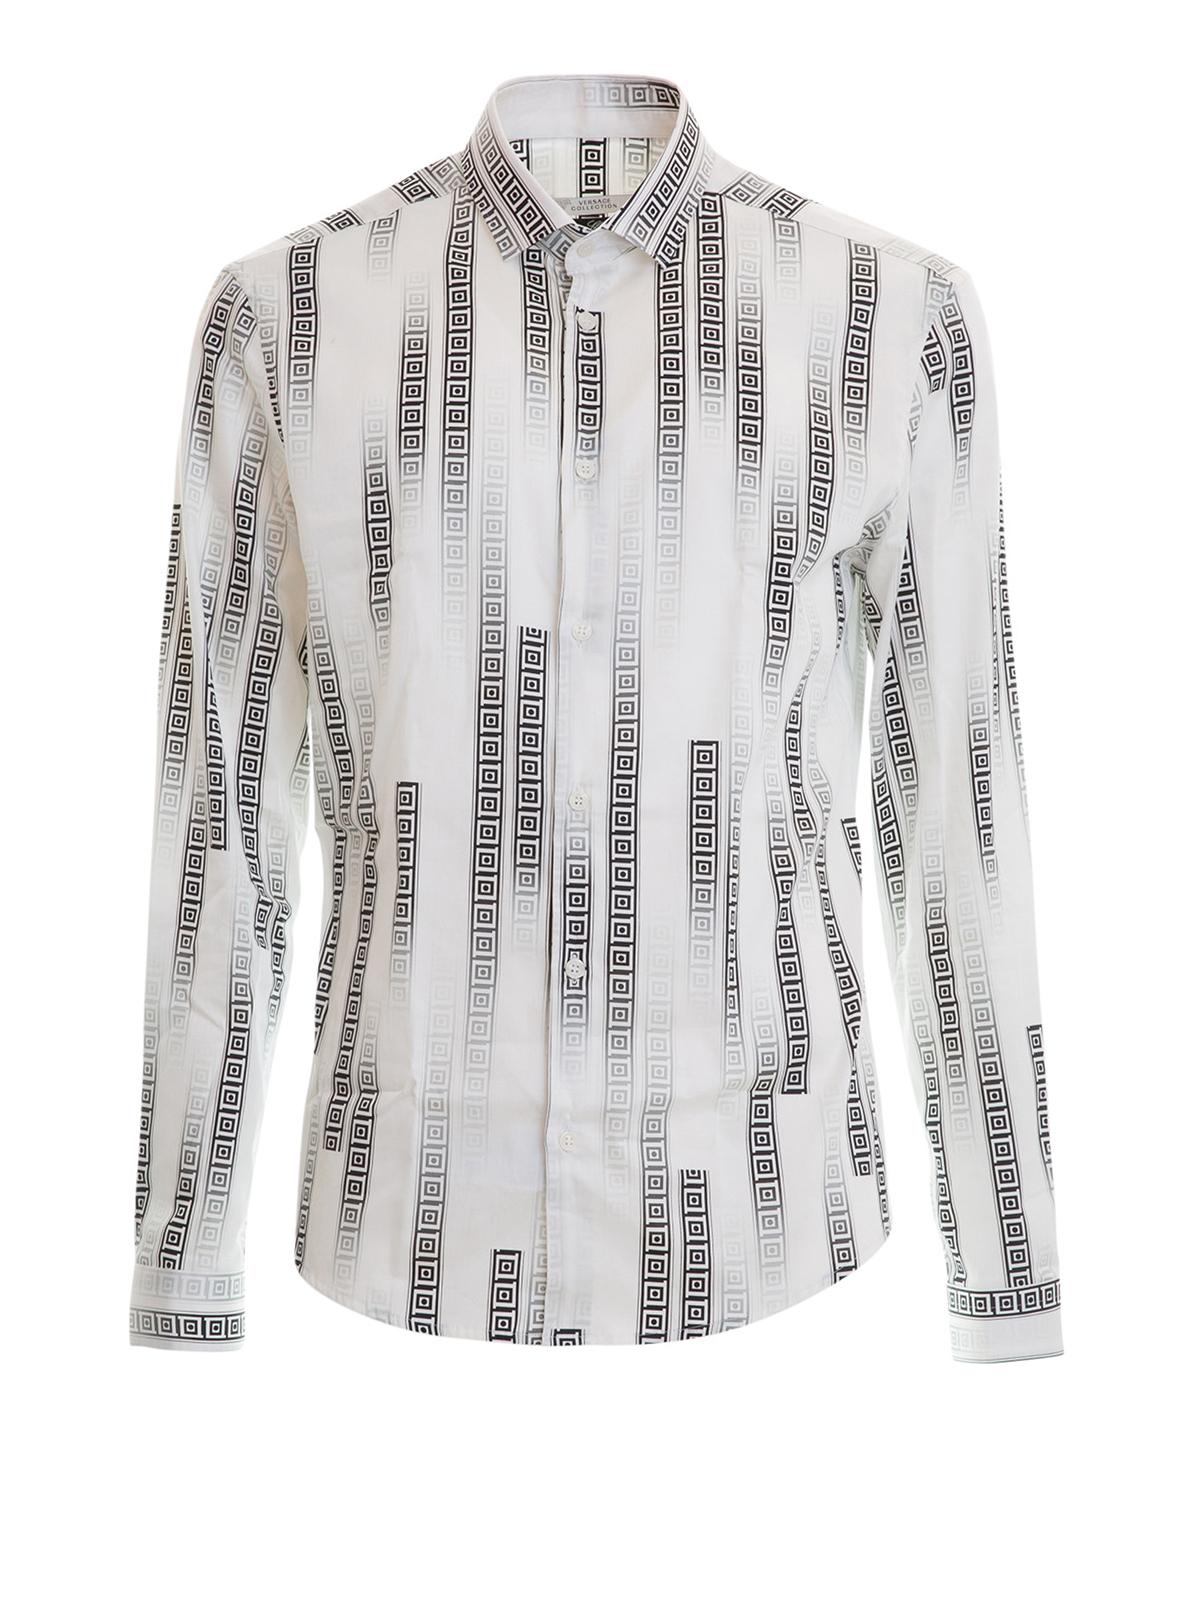 8b270d83c473 Versace Collection - Chemise Blanc Pour Homme - Chemises ...